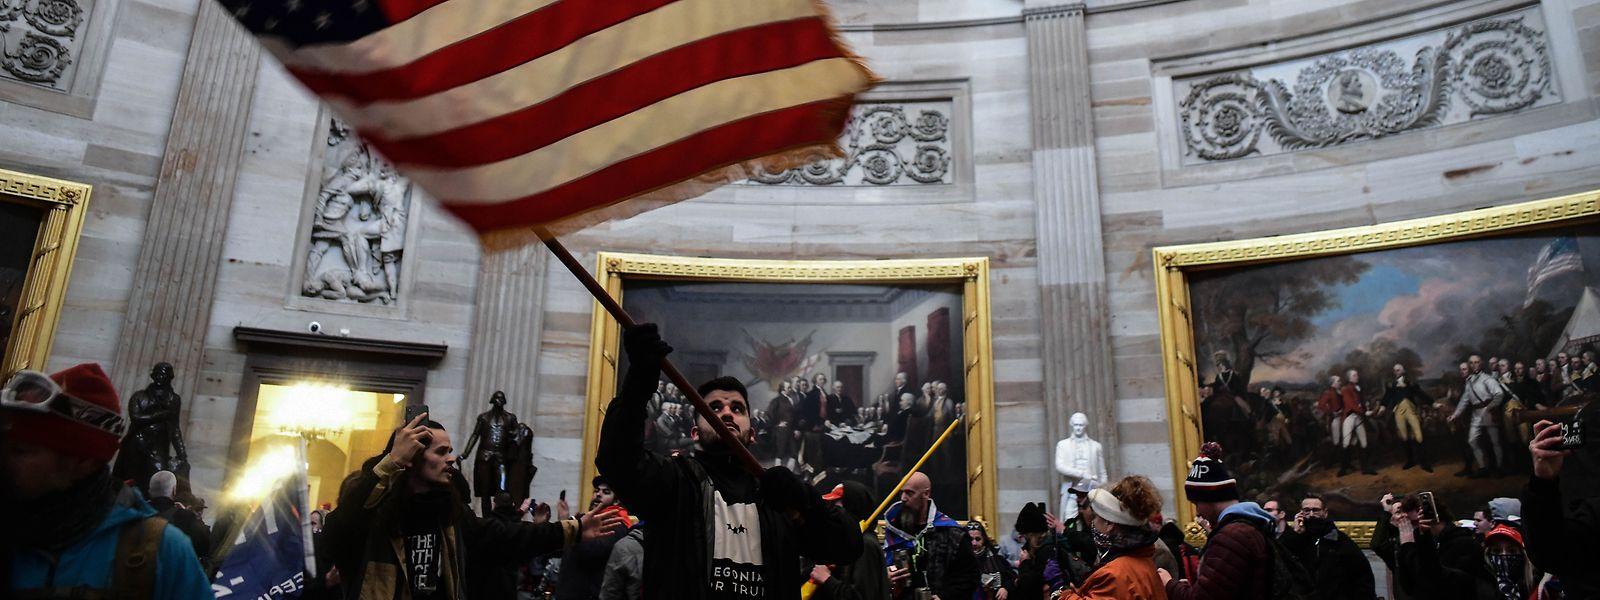 Ein Demonstrant schwenkt die US-Flagge im Inneren des Kapitols, nachdem Anhänger von US-Präsident Donald Trump das Gebäude gestürmt hatten.